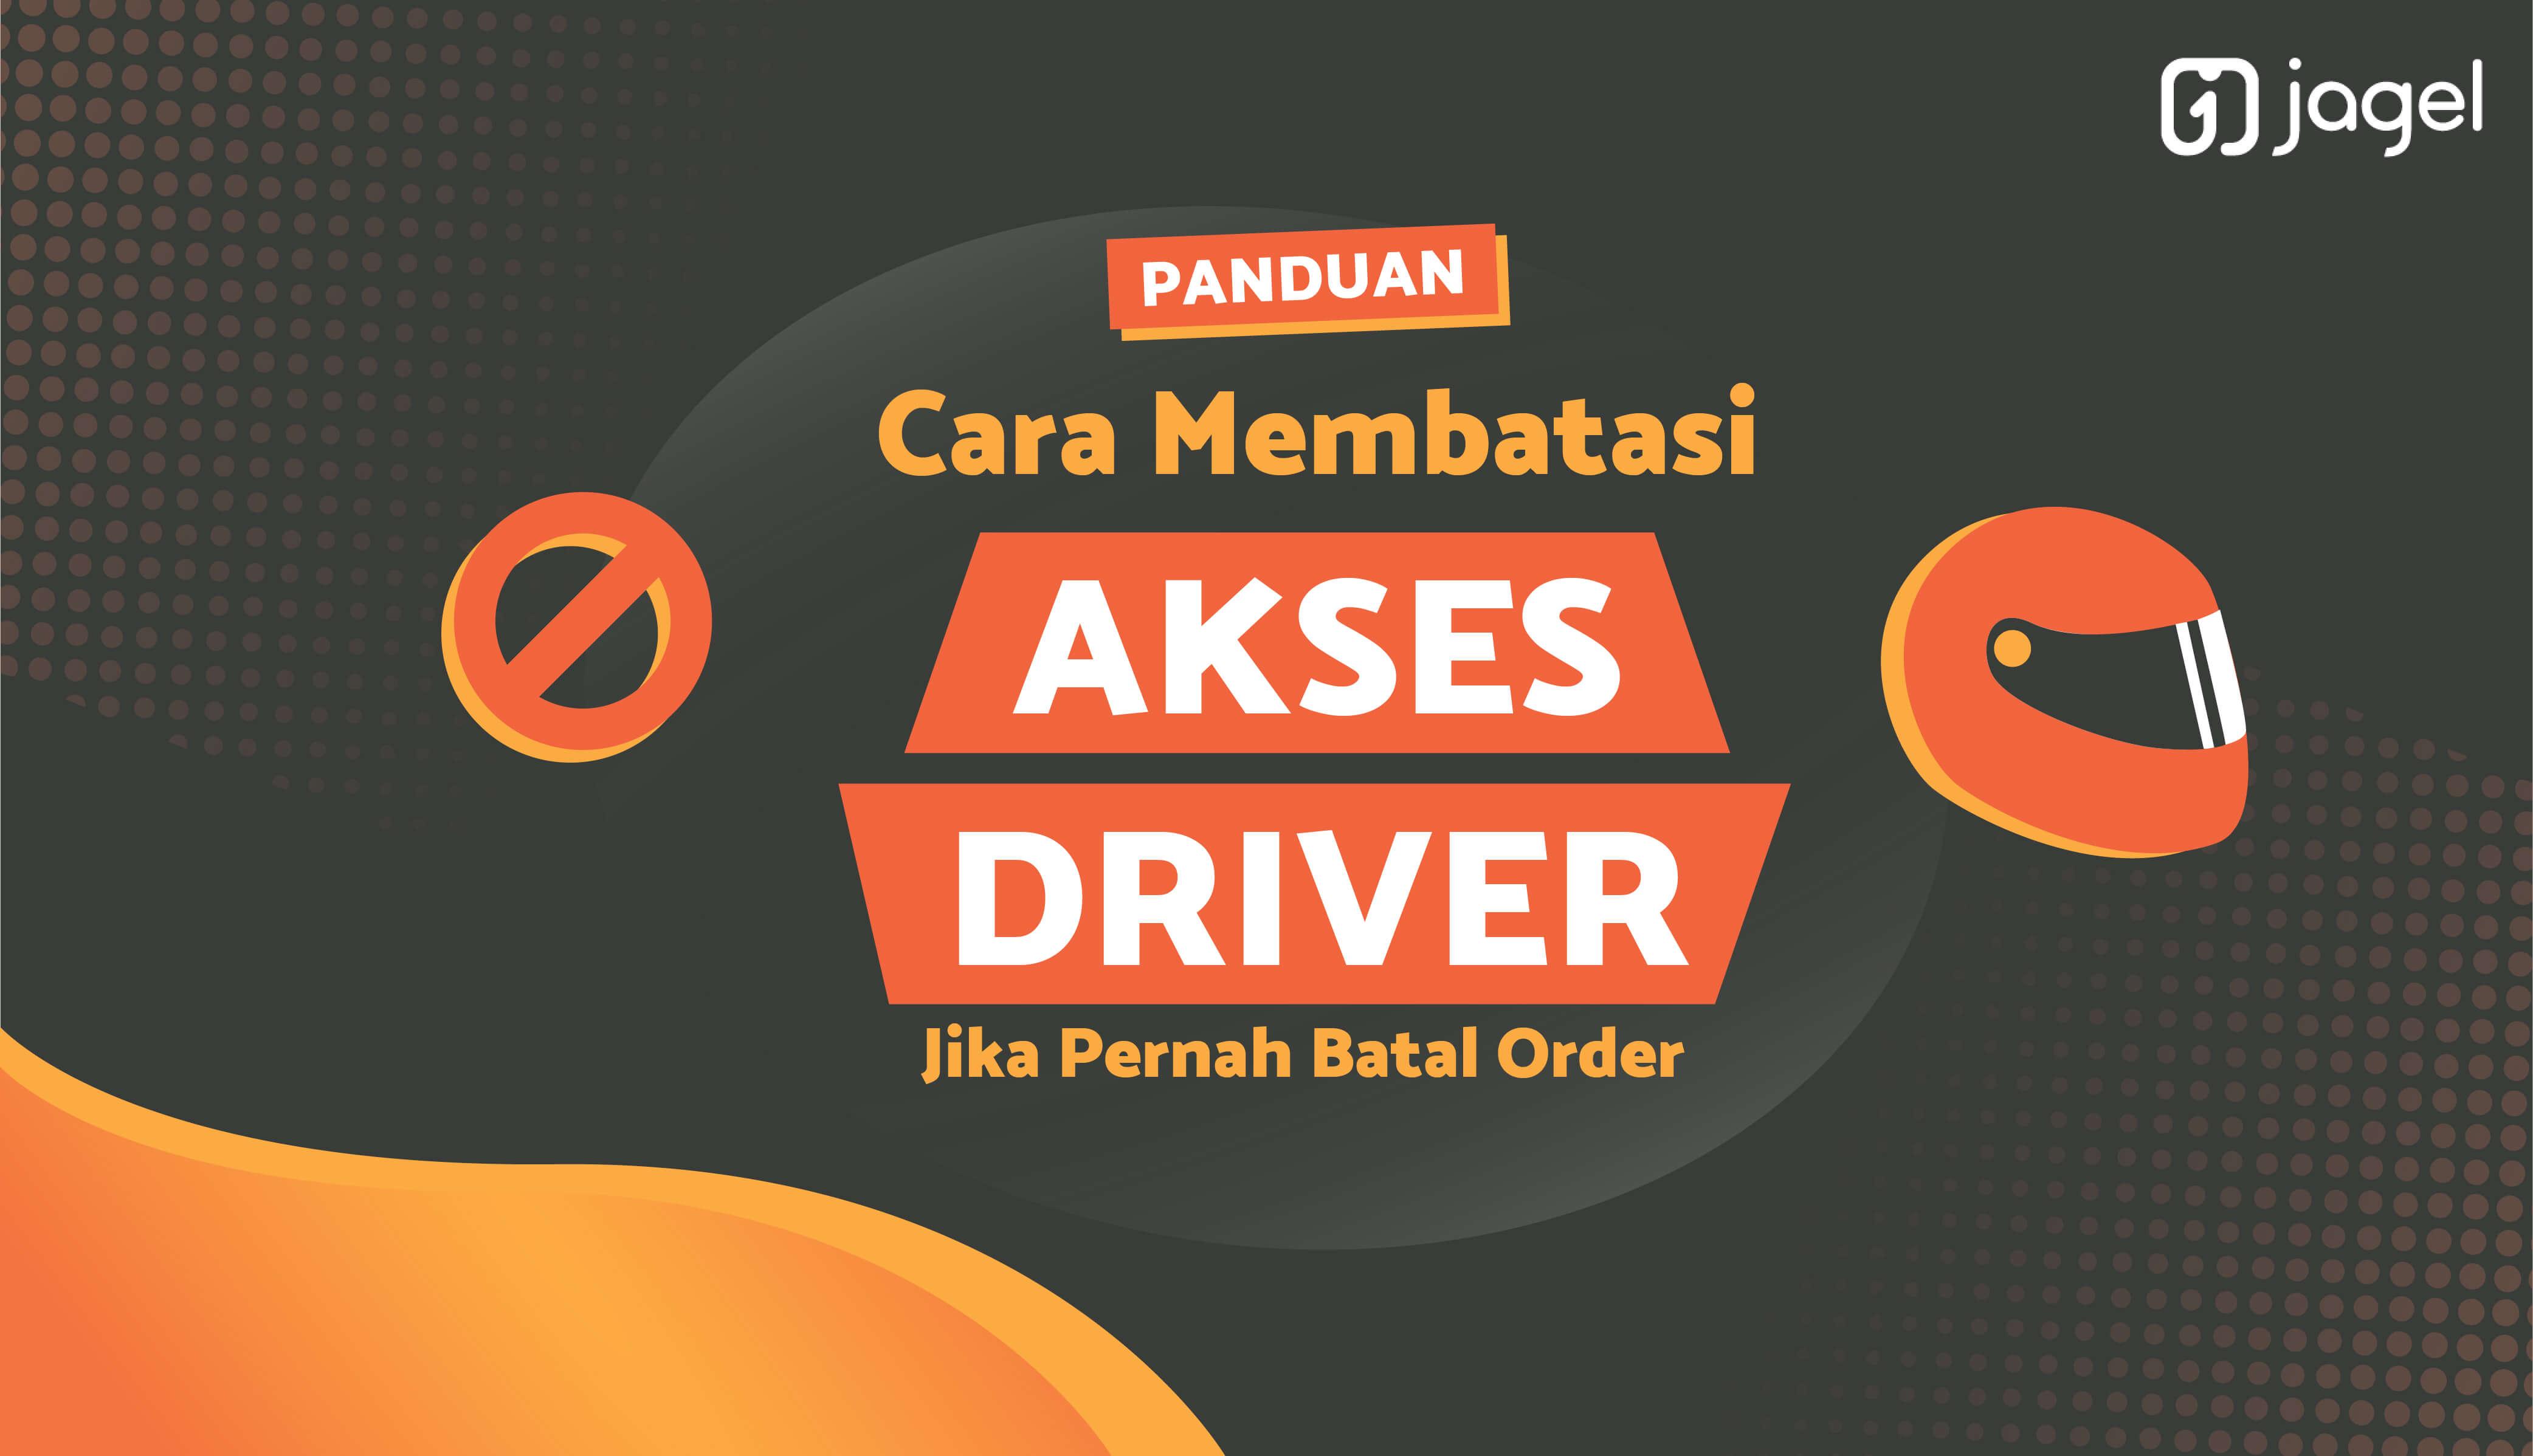 Batasi Akses Driver Jika Pernah Batal Order Customer